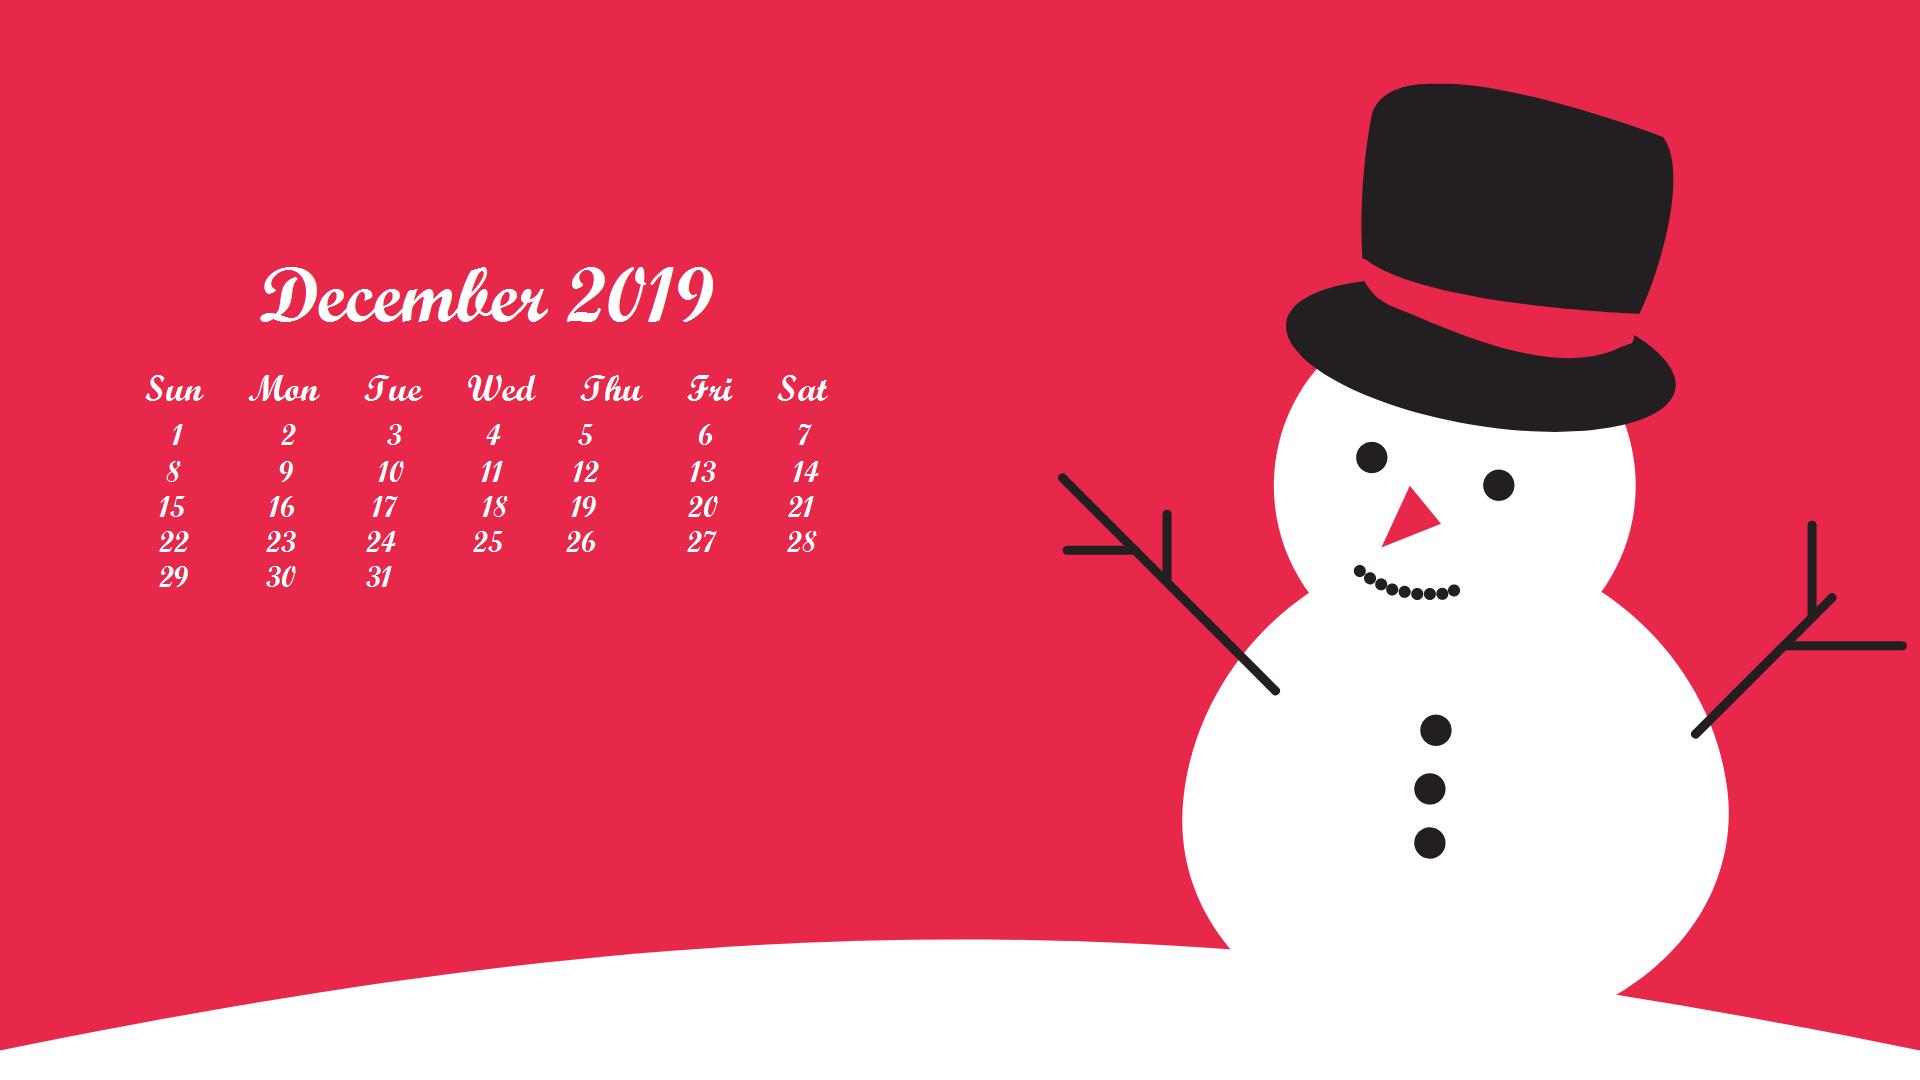 December 2019 Desktop Wallpaper With Calendar